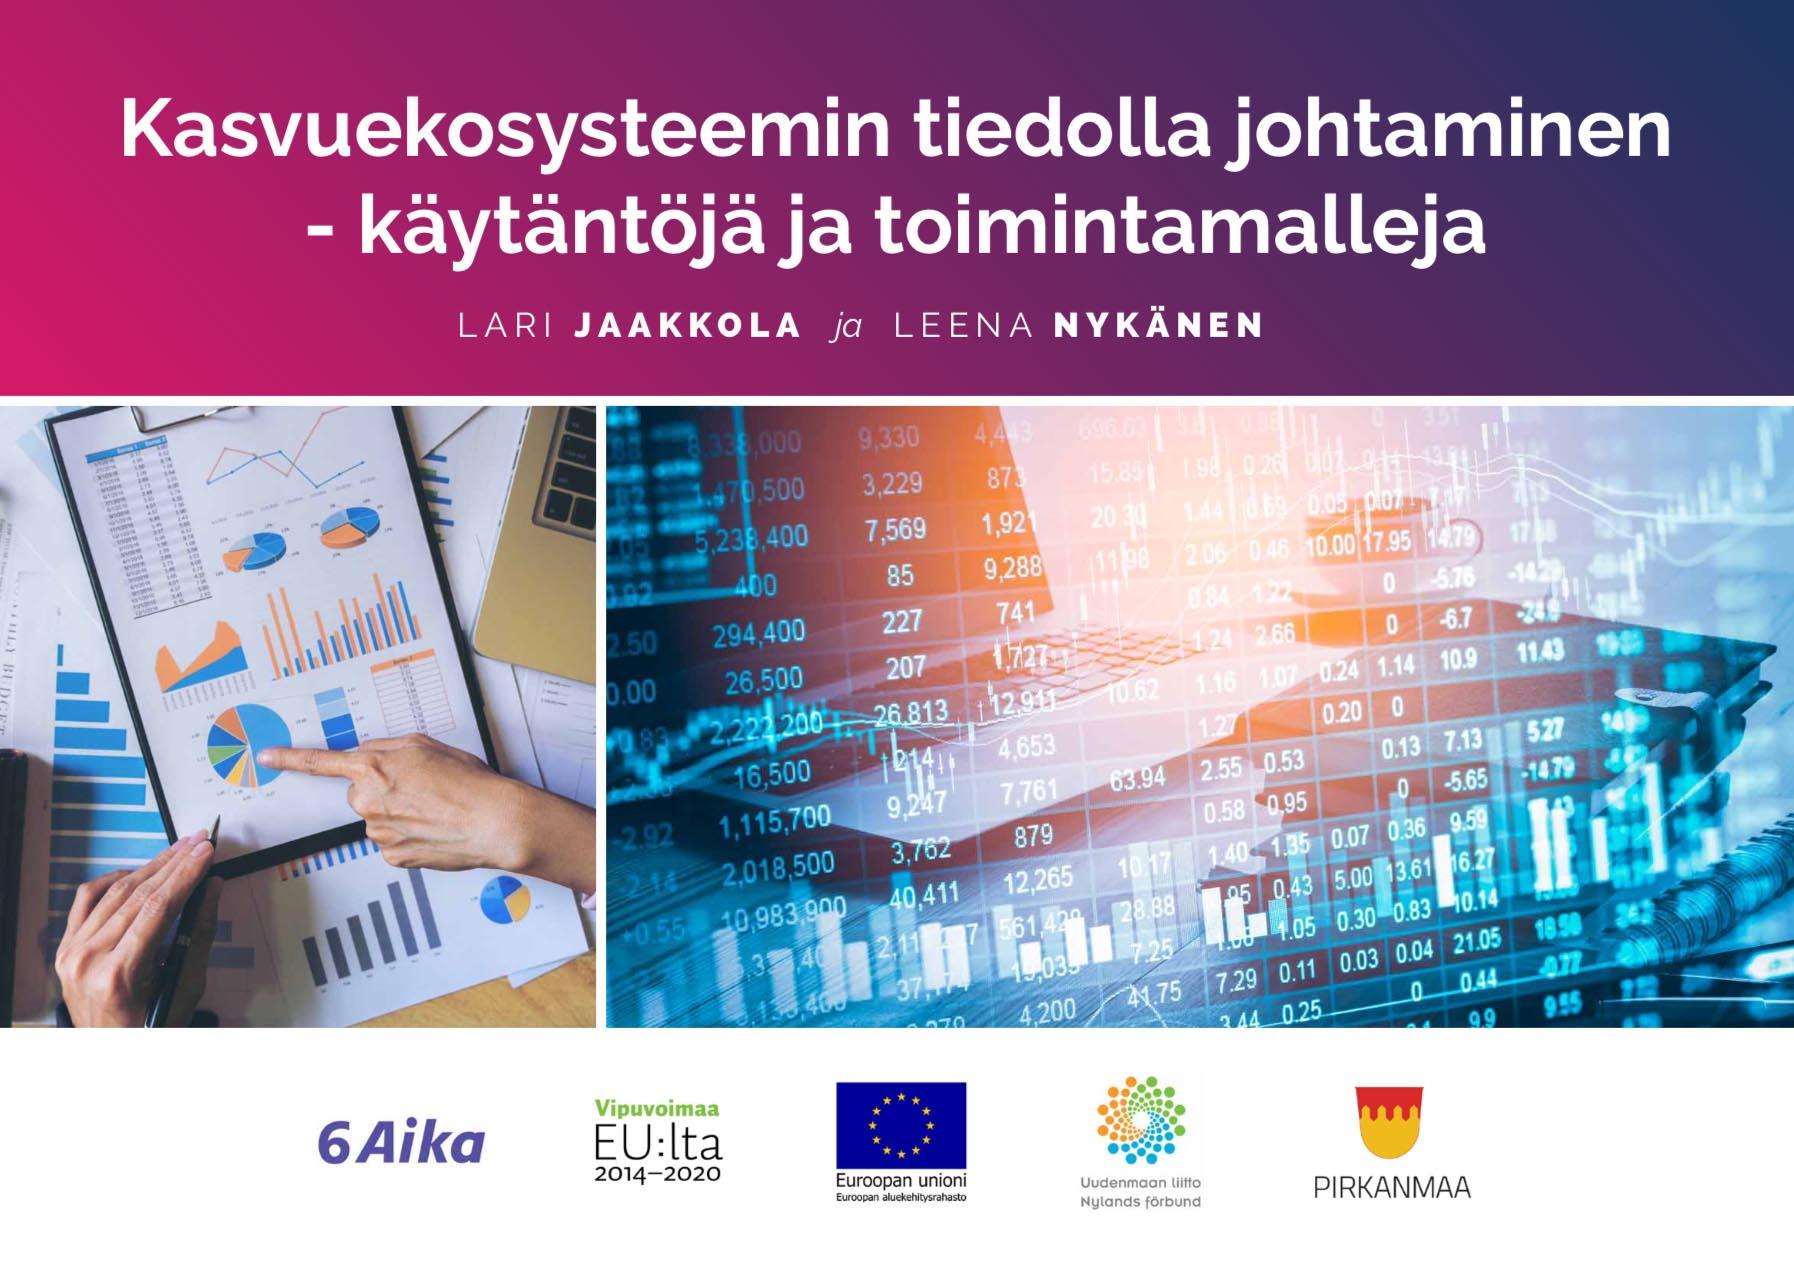 Cover for article 'Kasvuekosysteemin tiedolla johtaminen – käytäntöjä ja toimintamalleja'